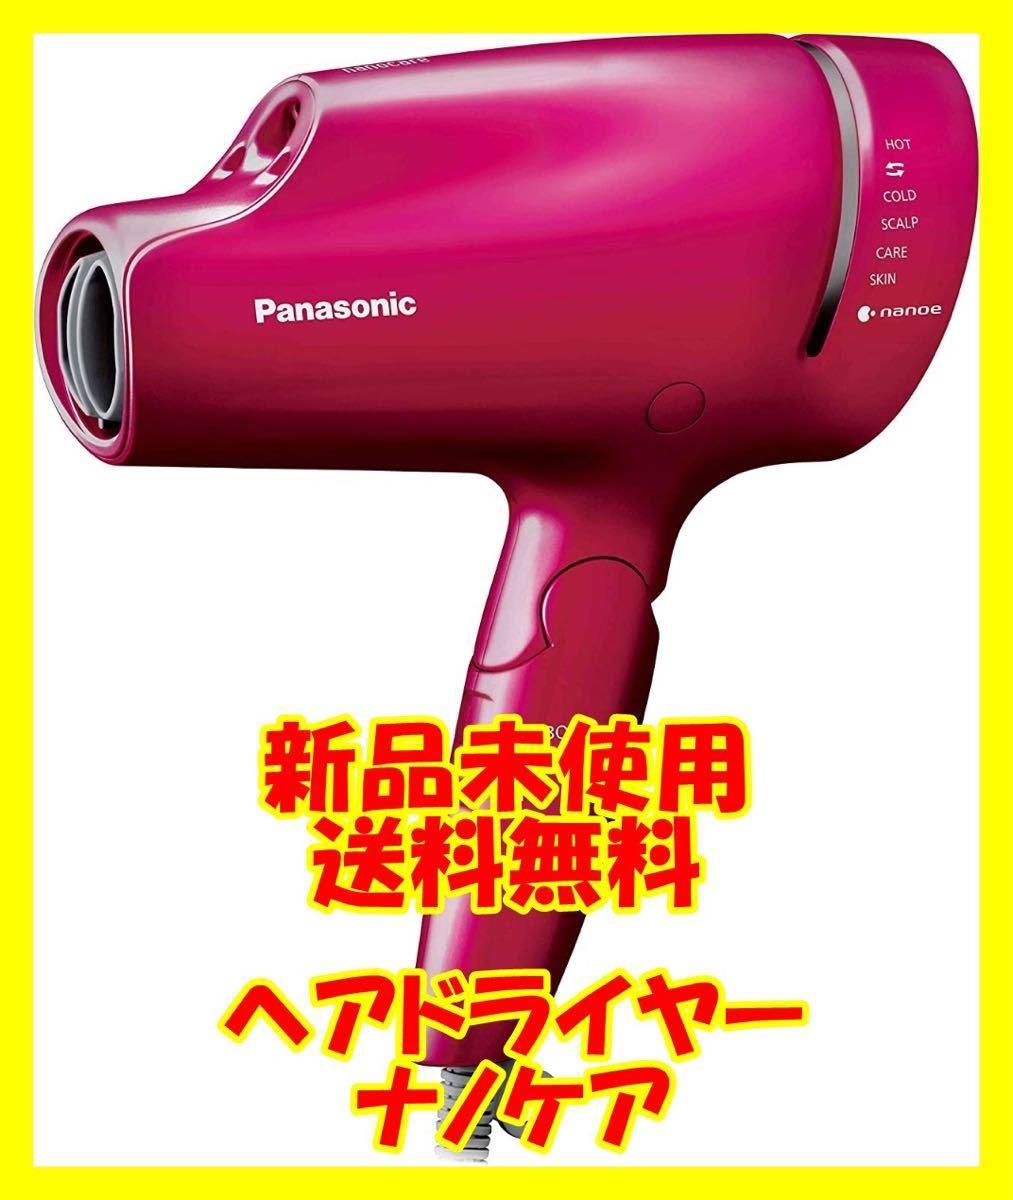 Panasonic ヘアードライヤー ナノケア (ルージュピンク)